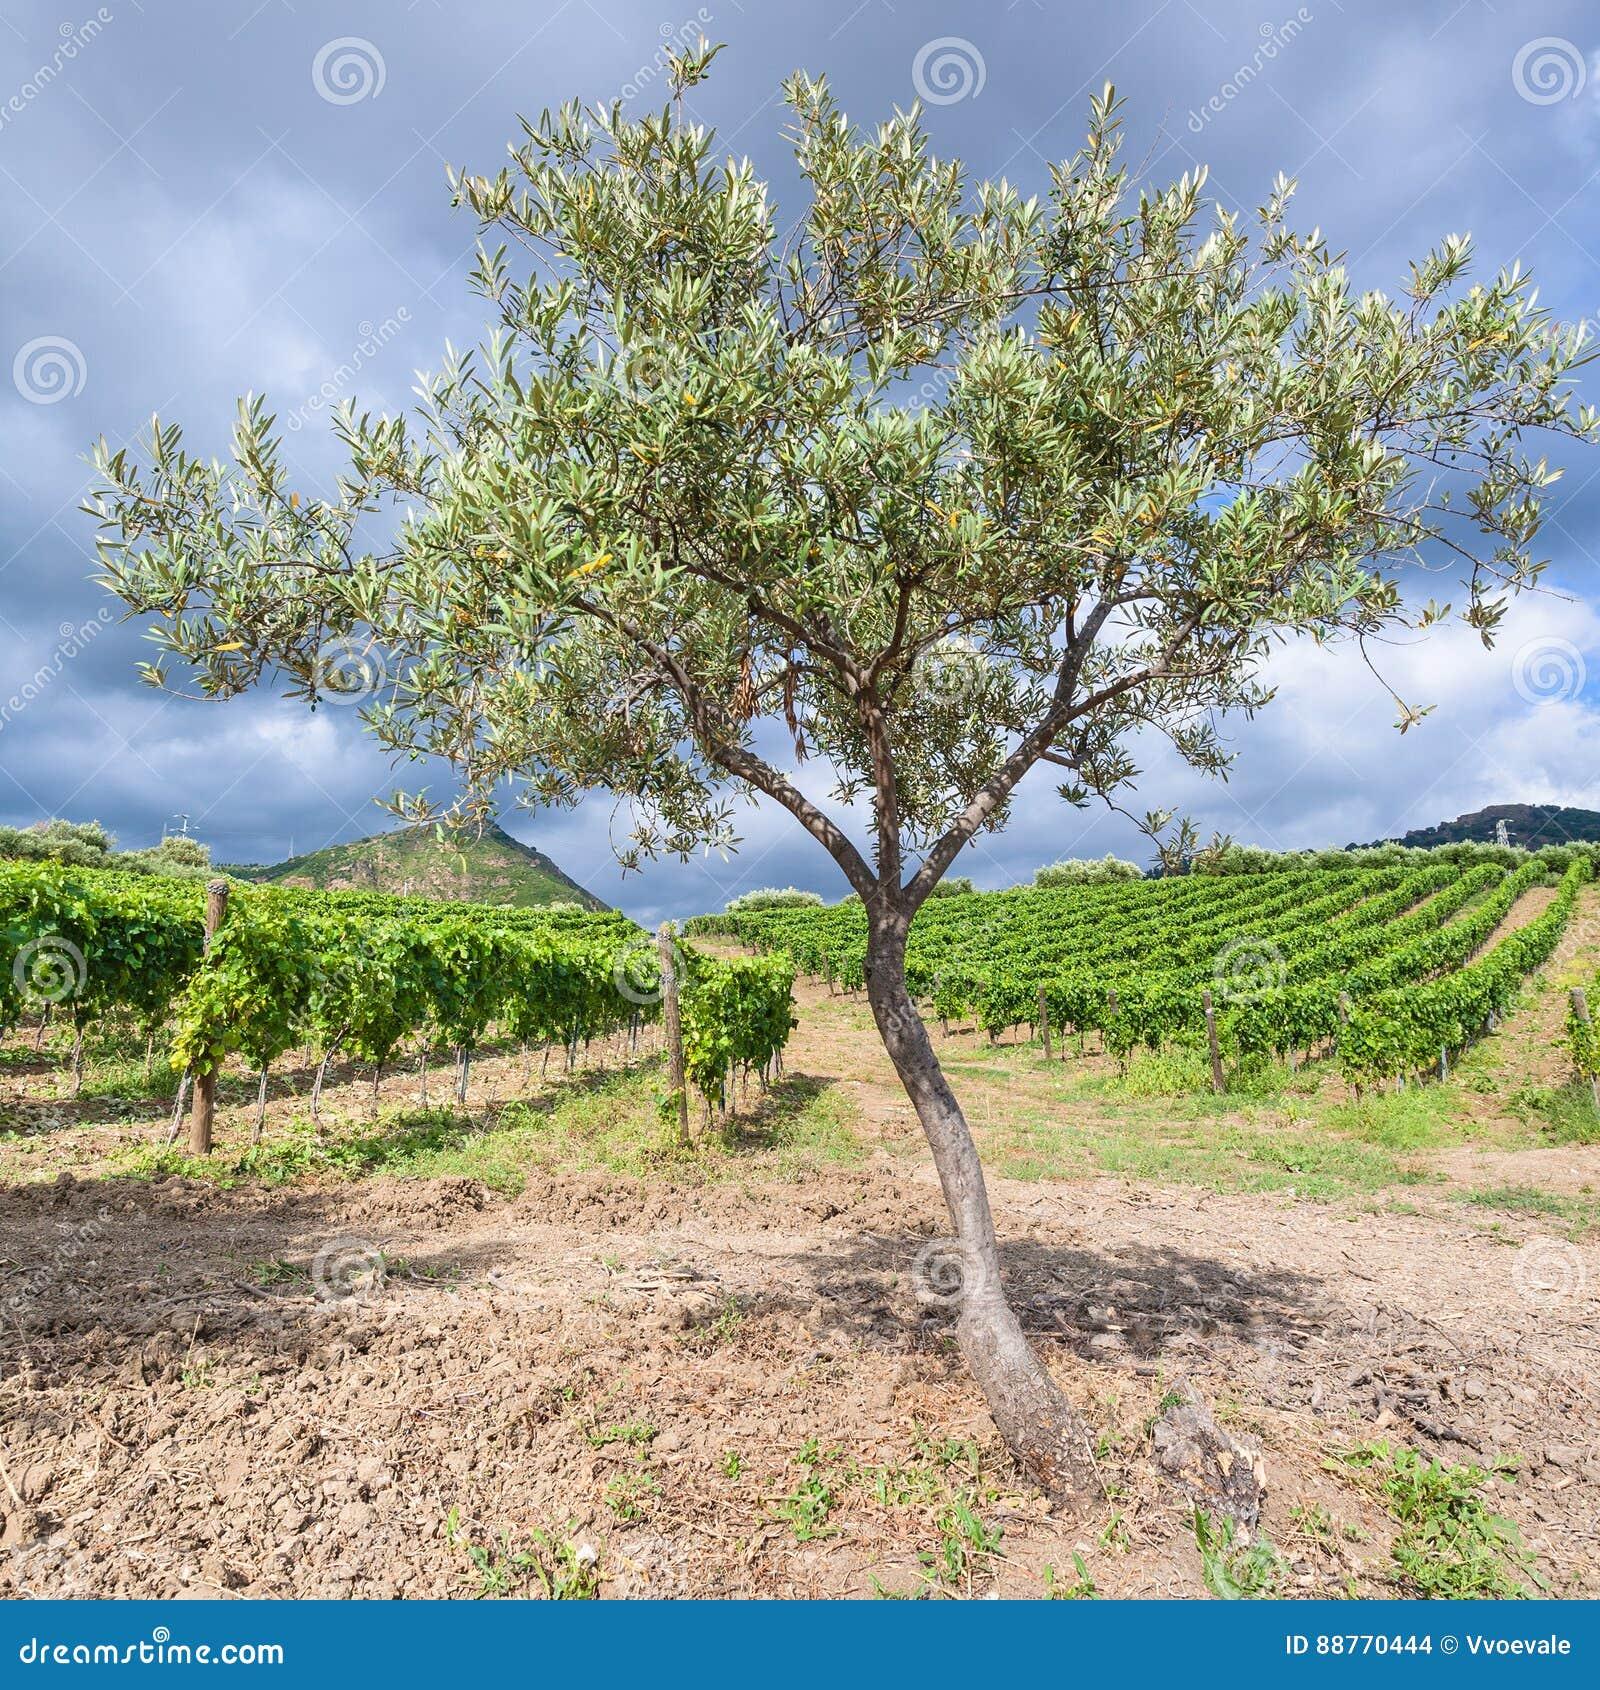 Di olivo vicino alle vigne nella regione di Etna in Sicilia